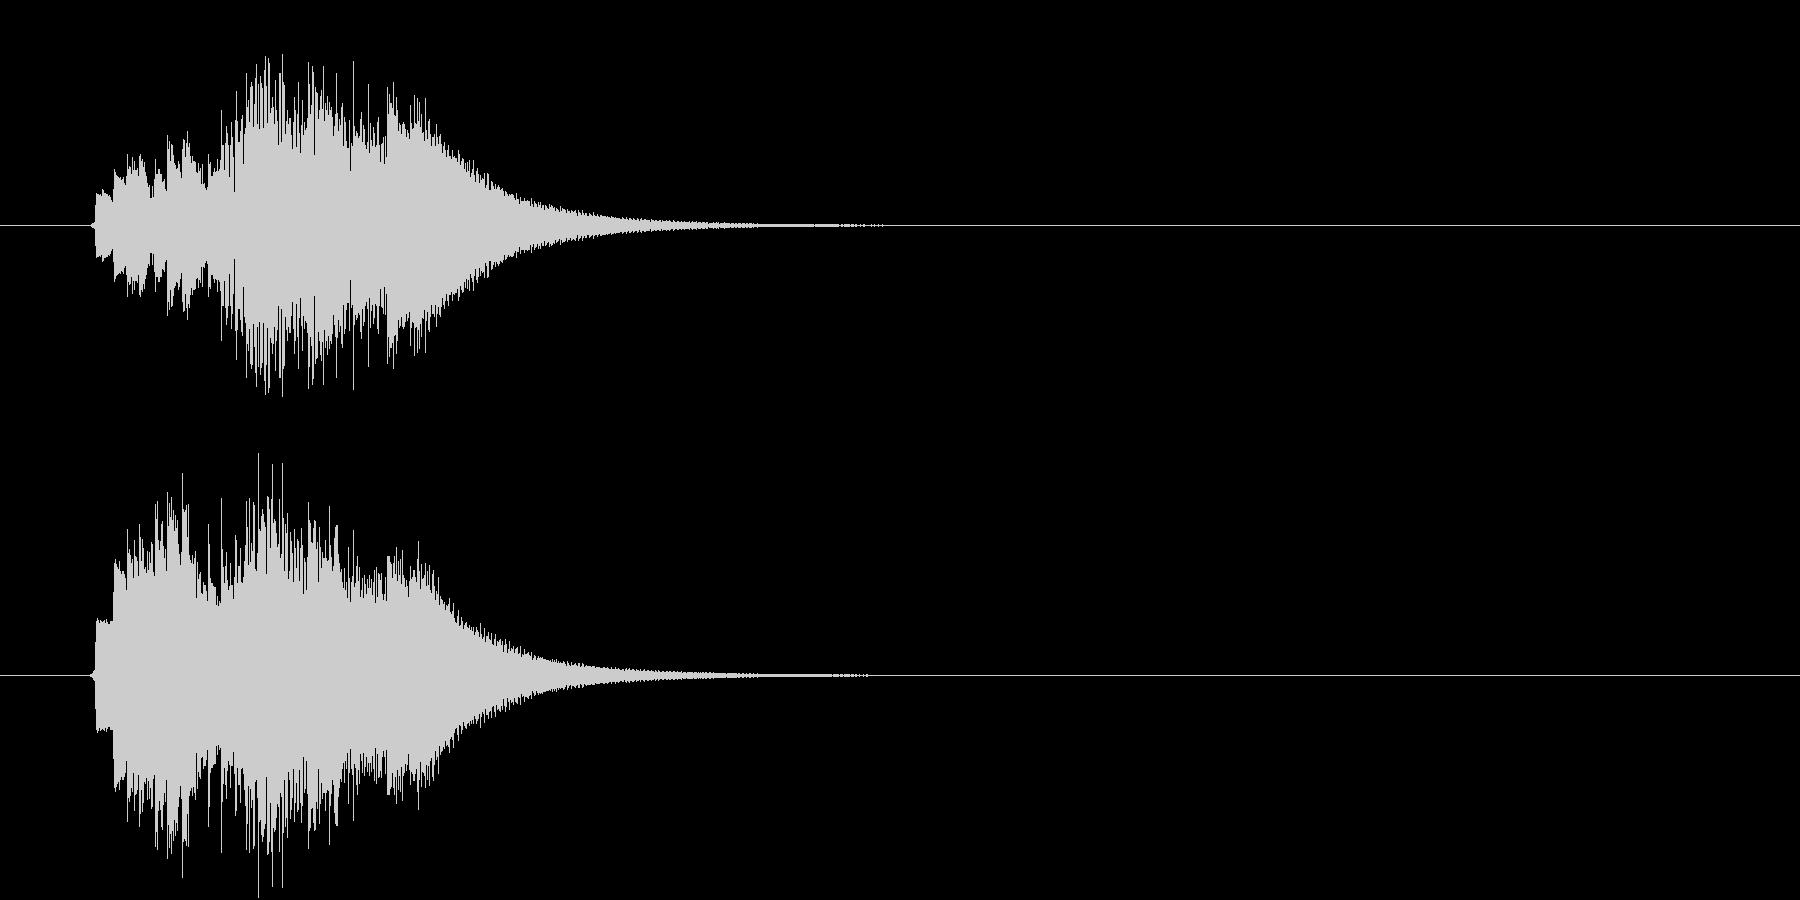 キラキラ、ピロピロ 上昇音の未再生の波形